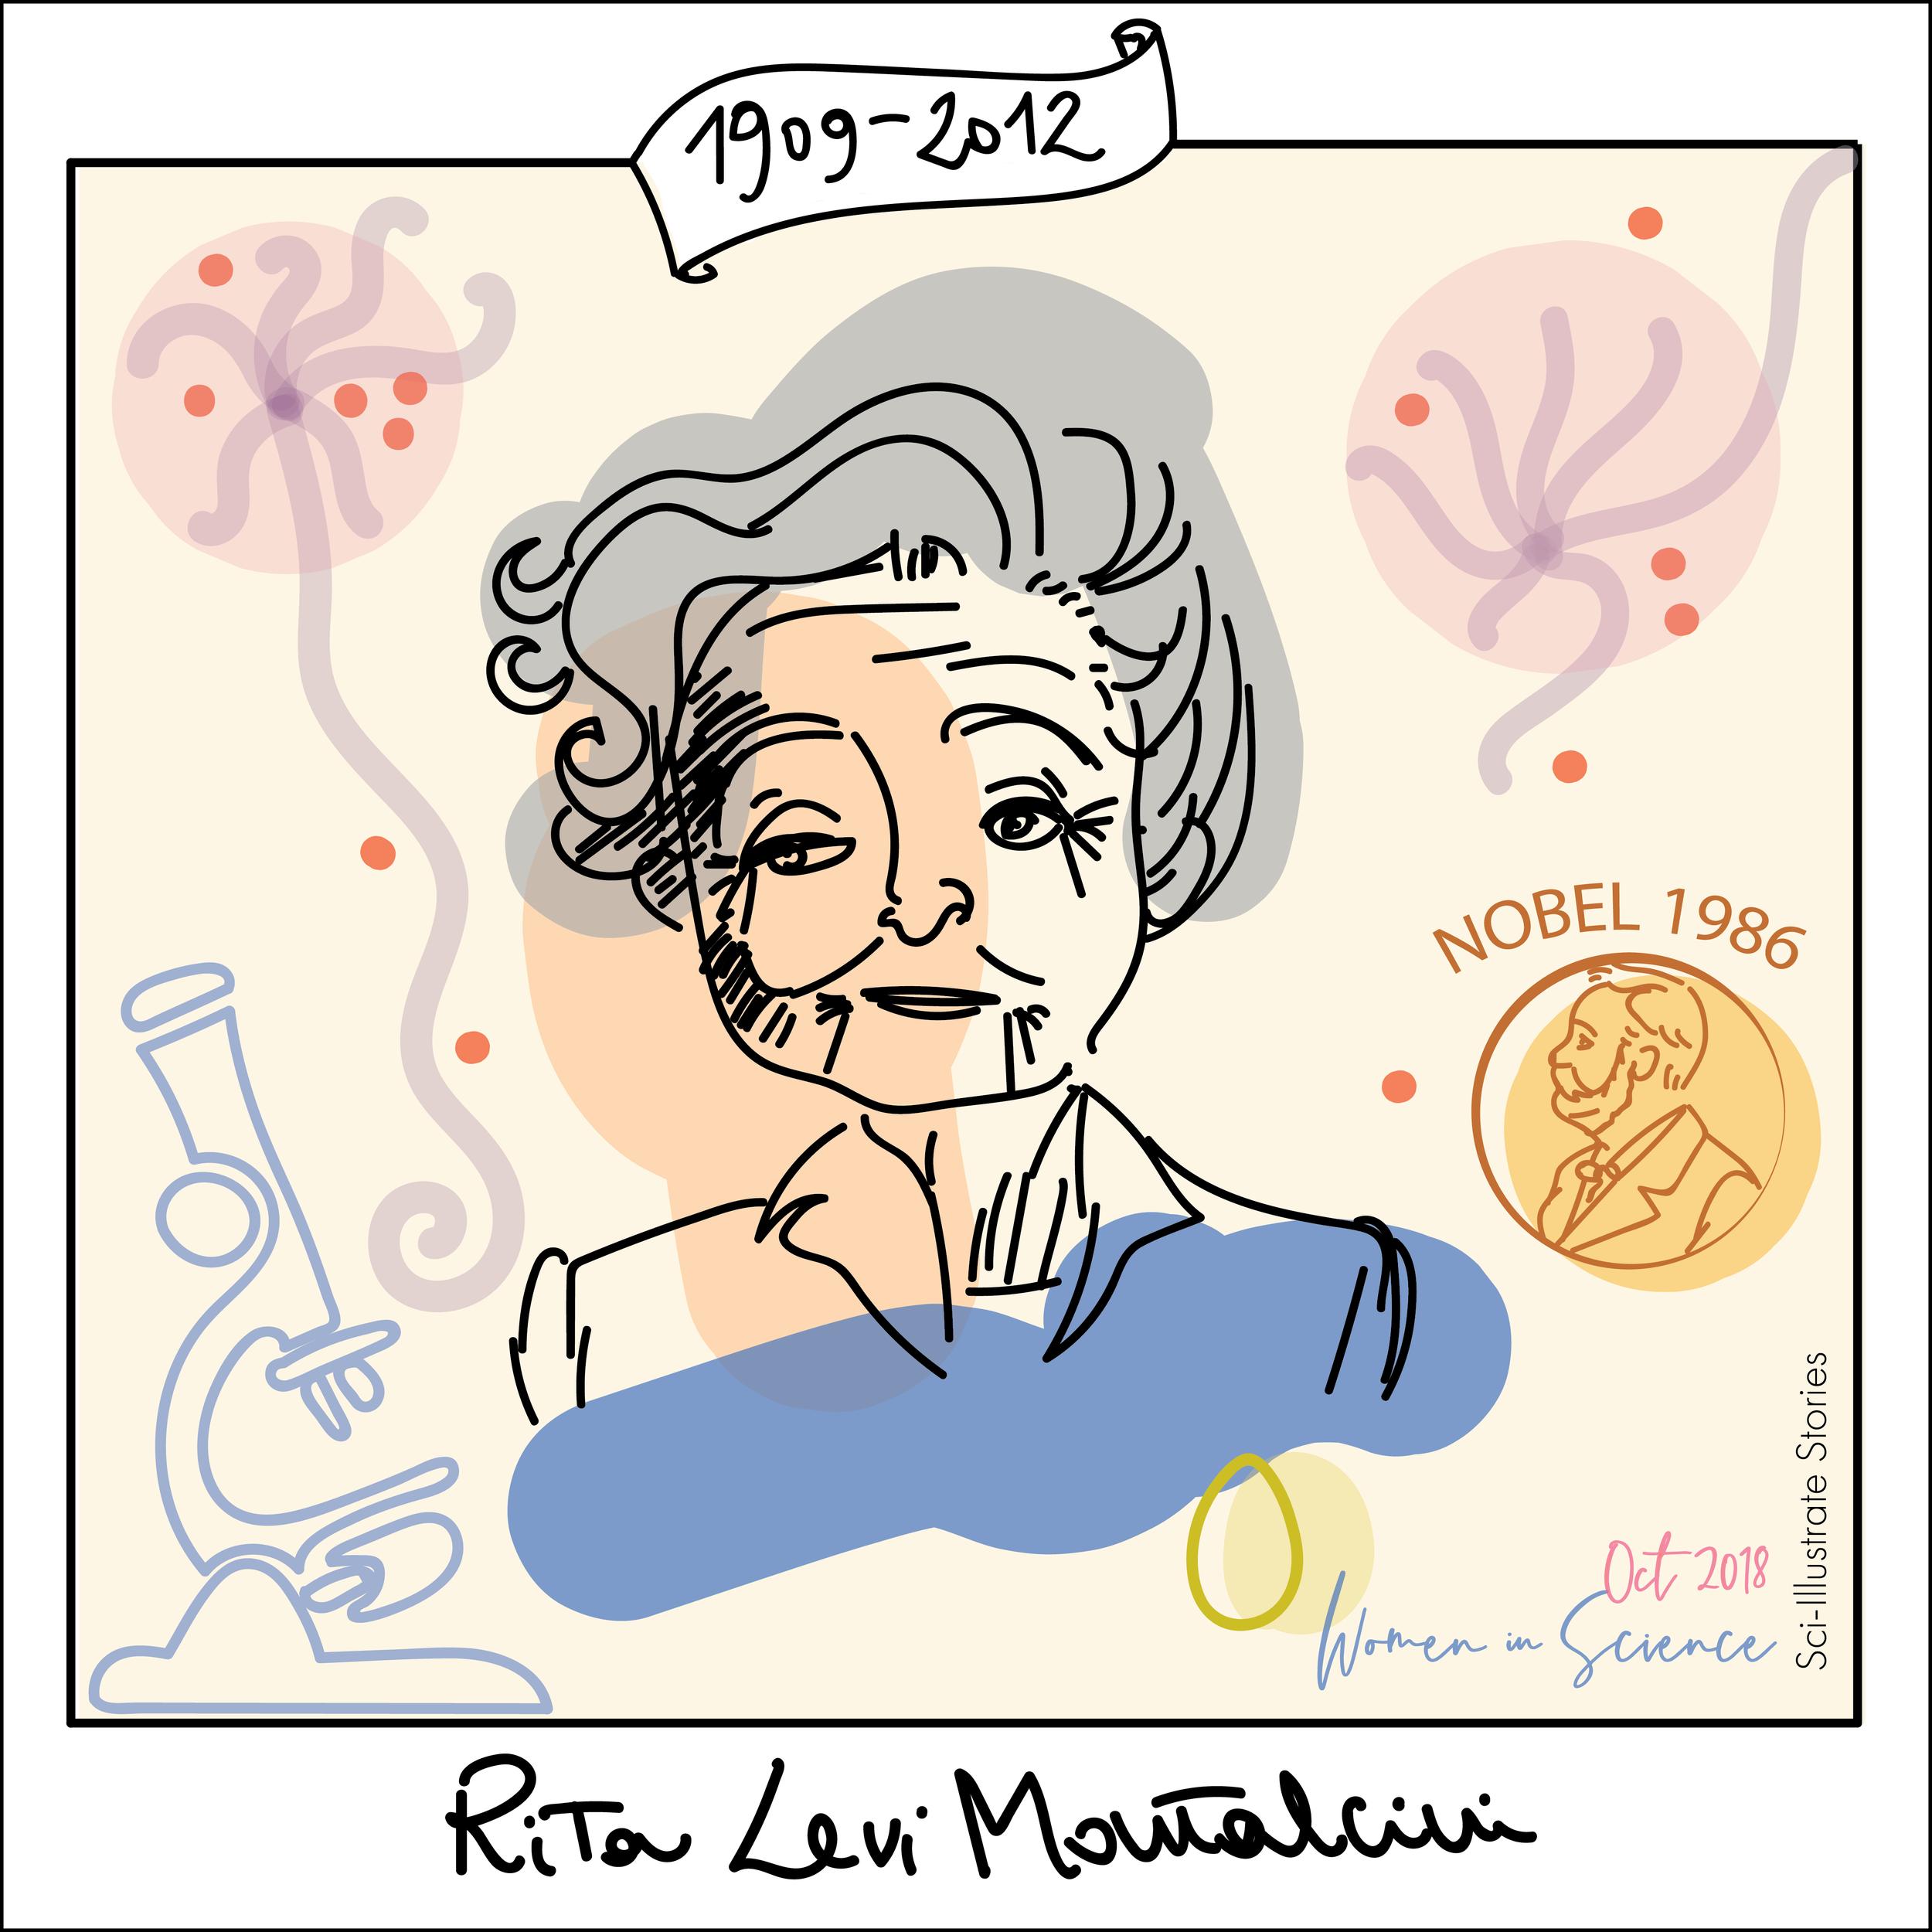 3_Rita-LeviMontalcini-2-01.png